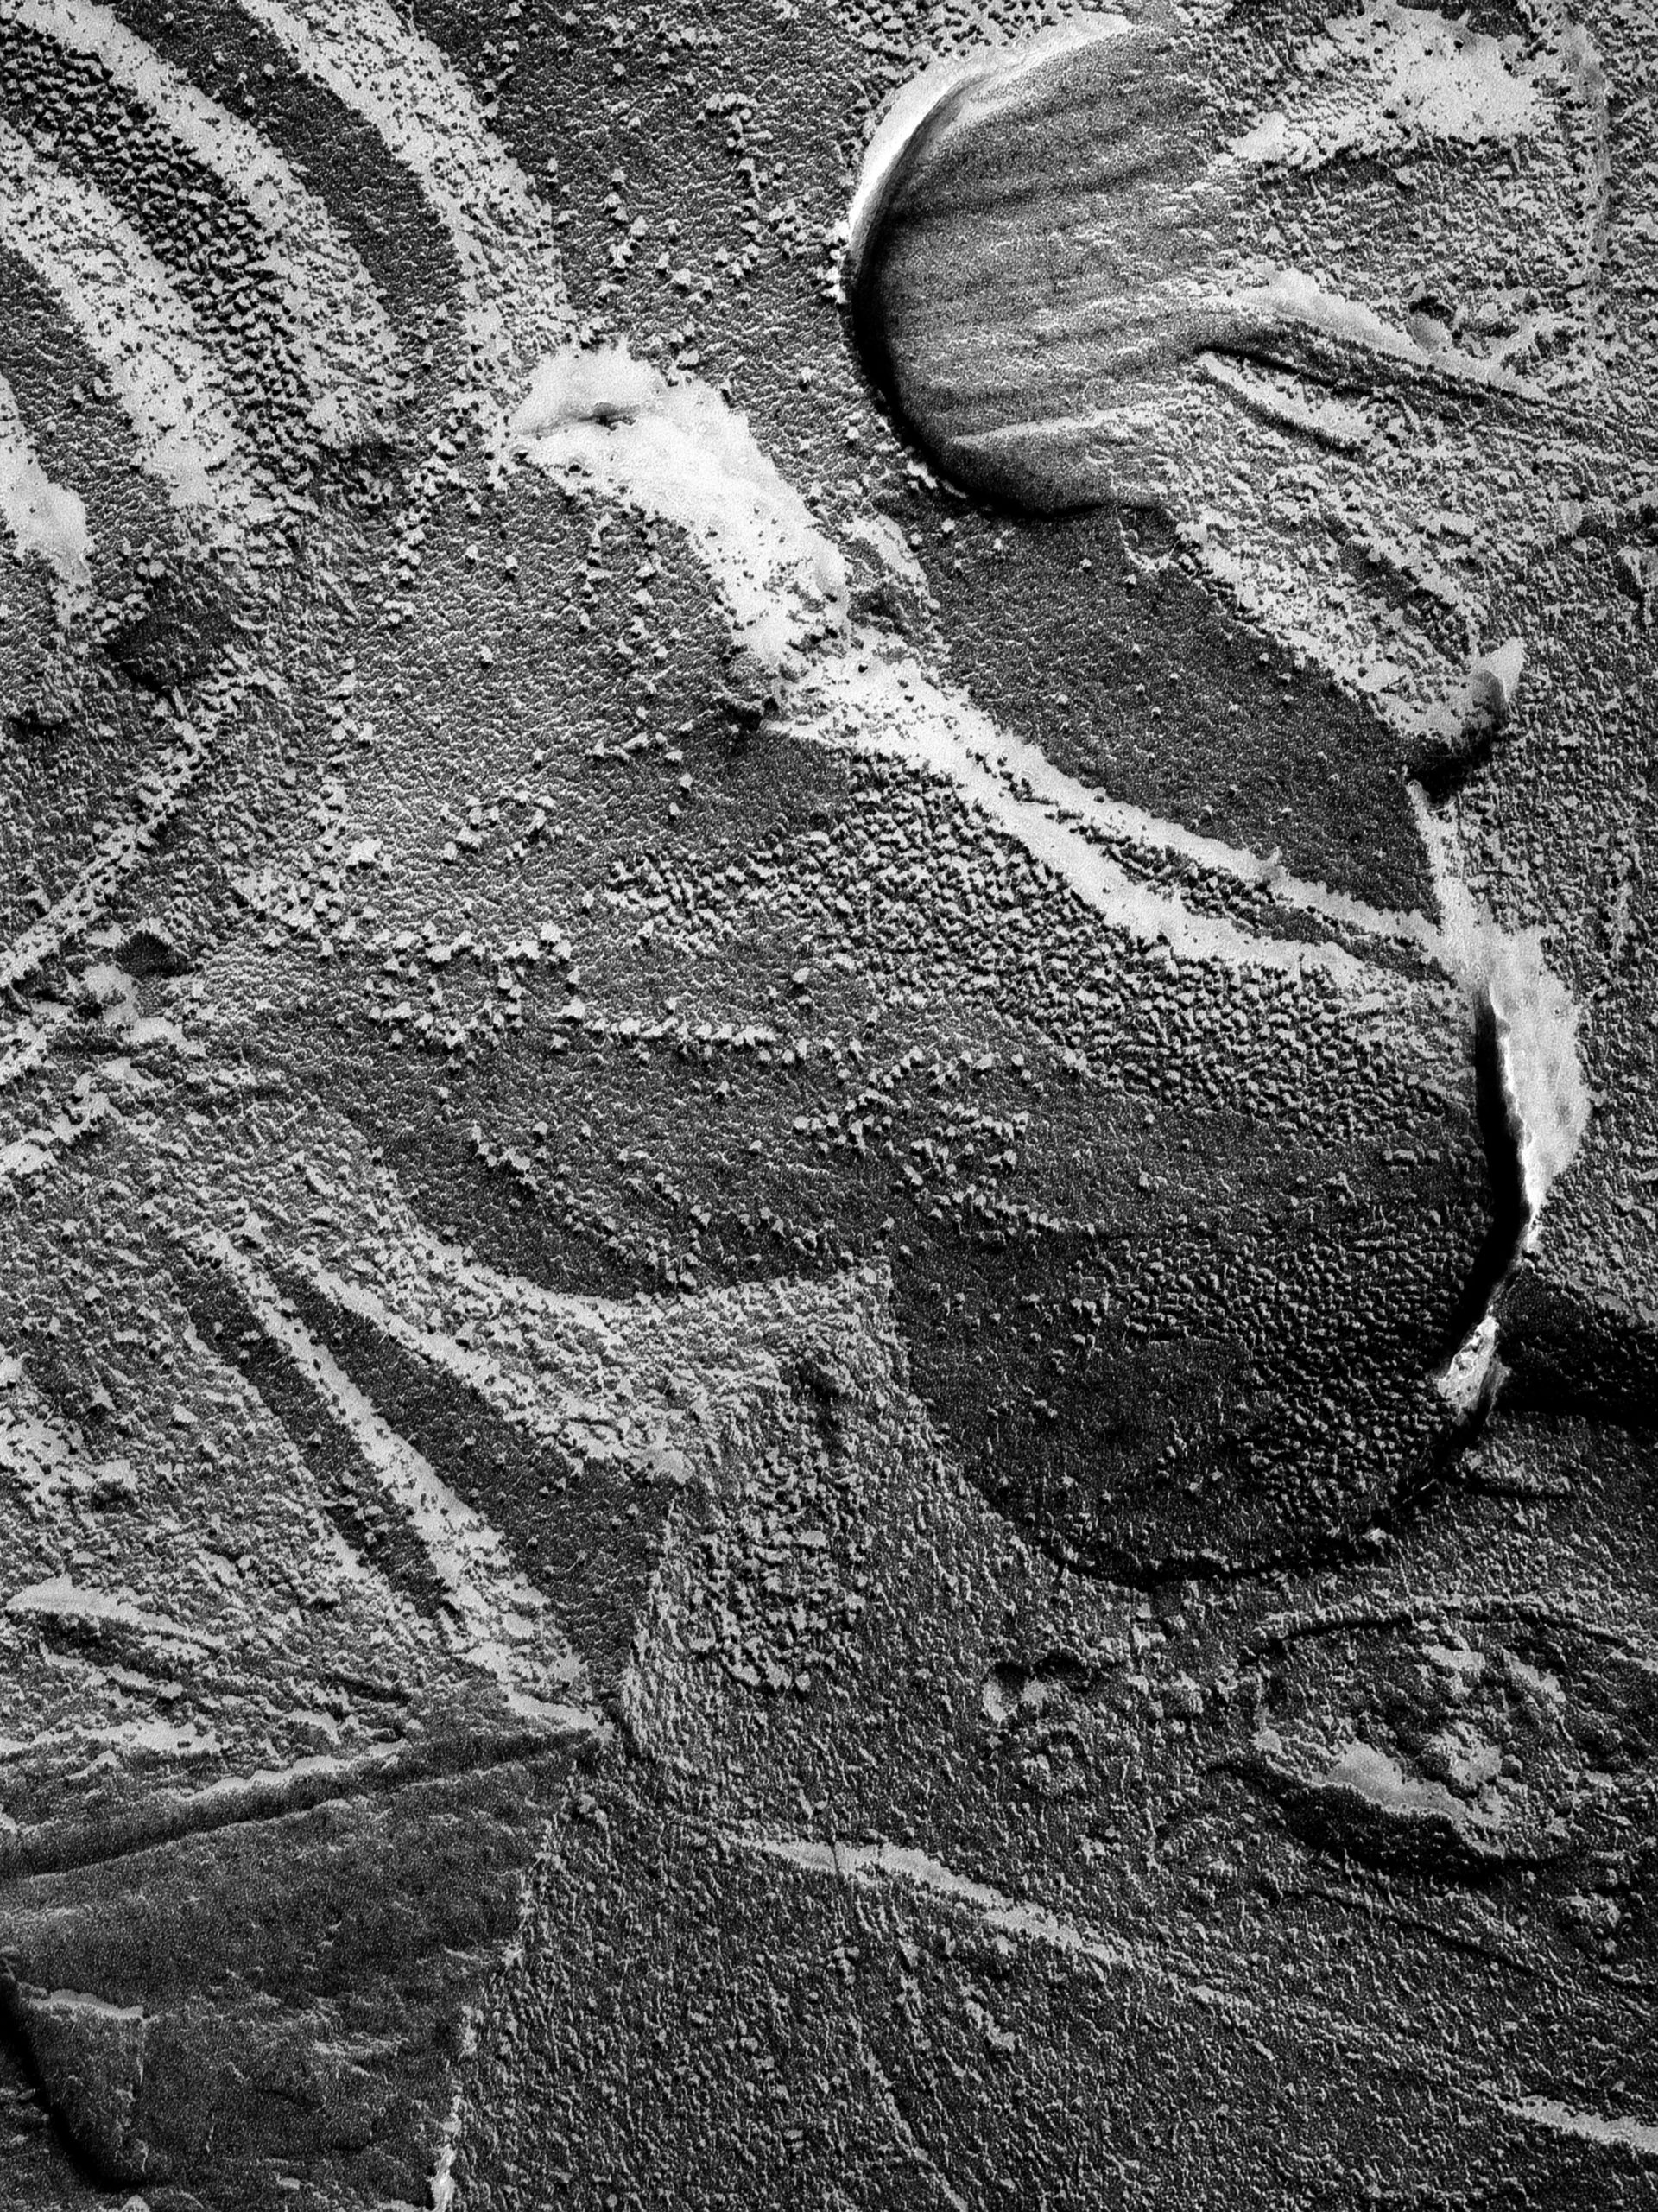 Oscillatoria tenuis (Thylakoid) - CIL:14696